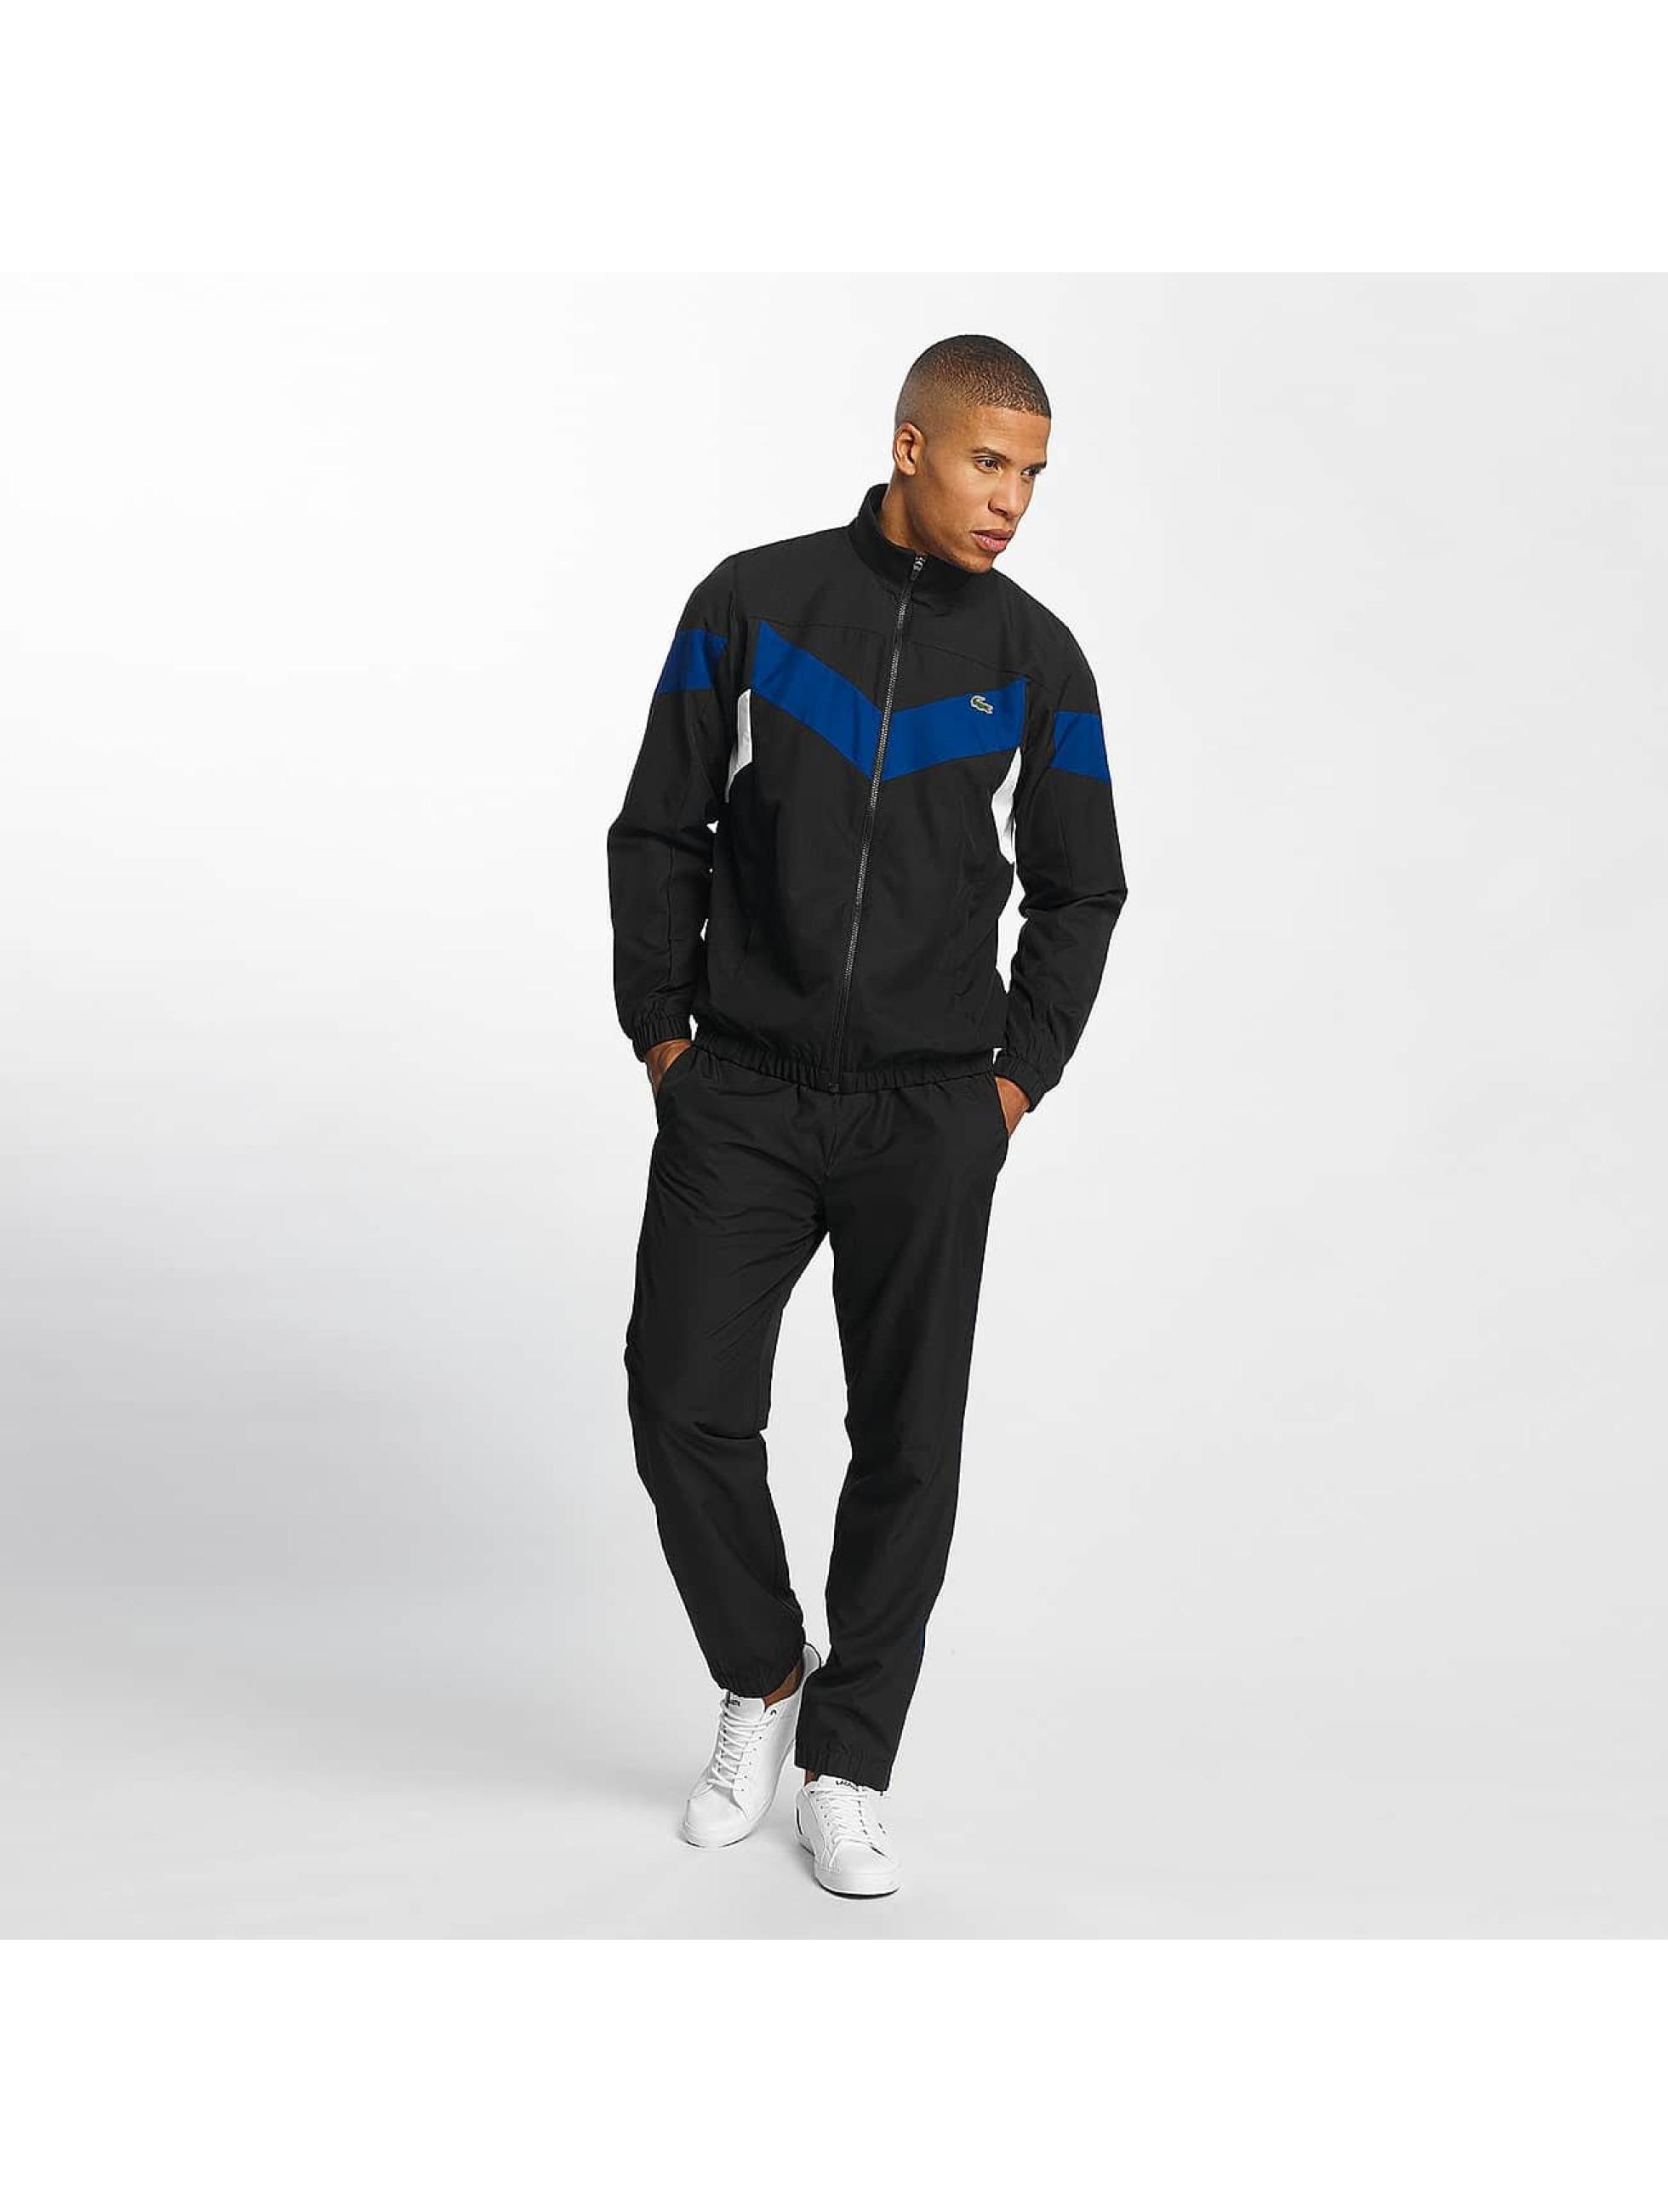 Lacoste Classic Suits Colorblocks black